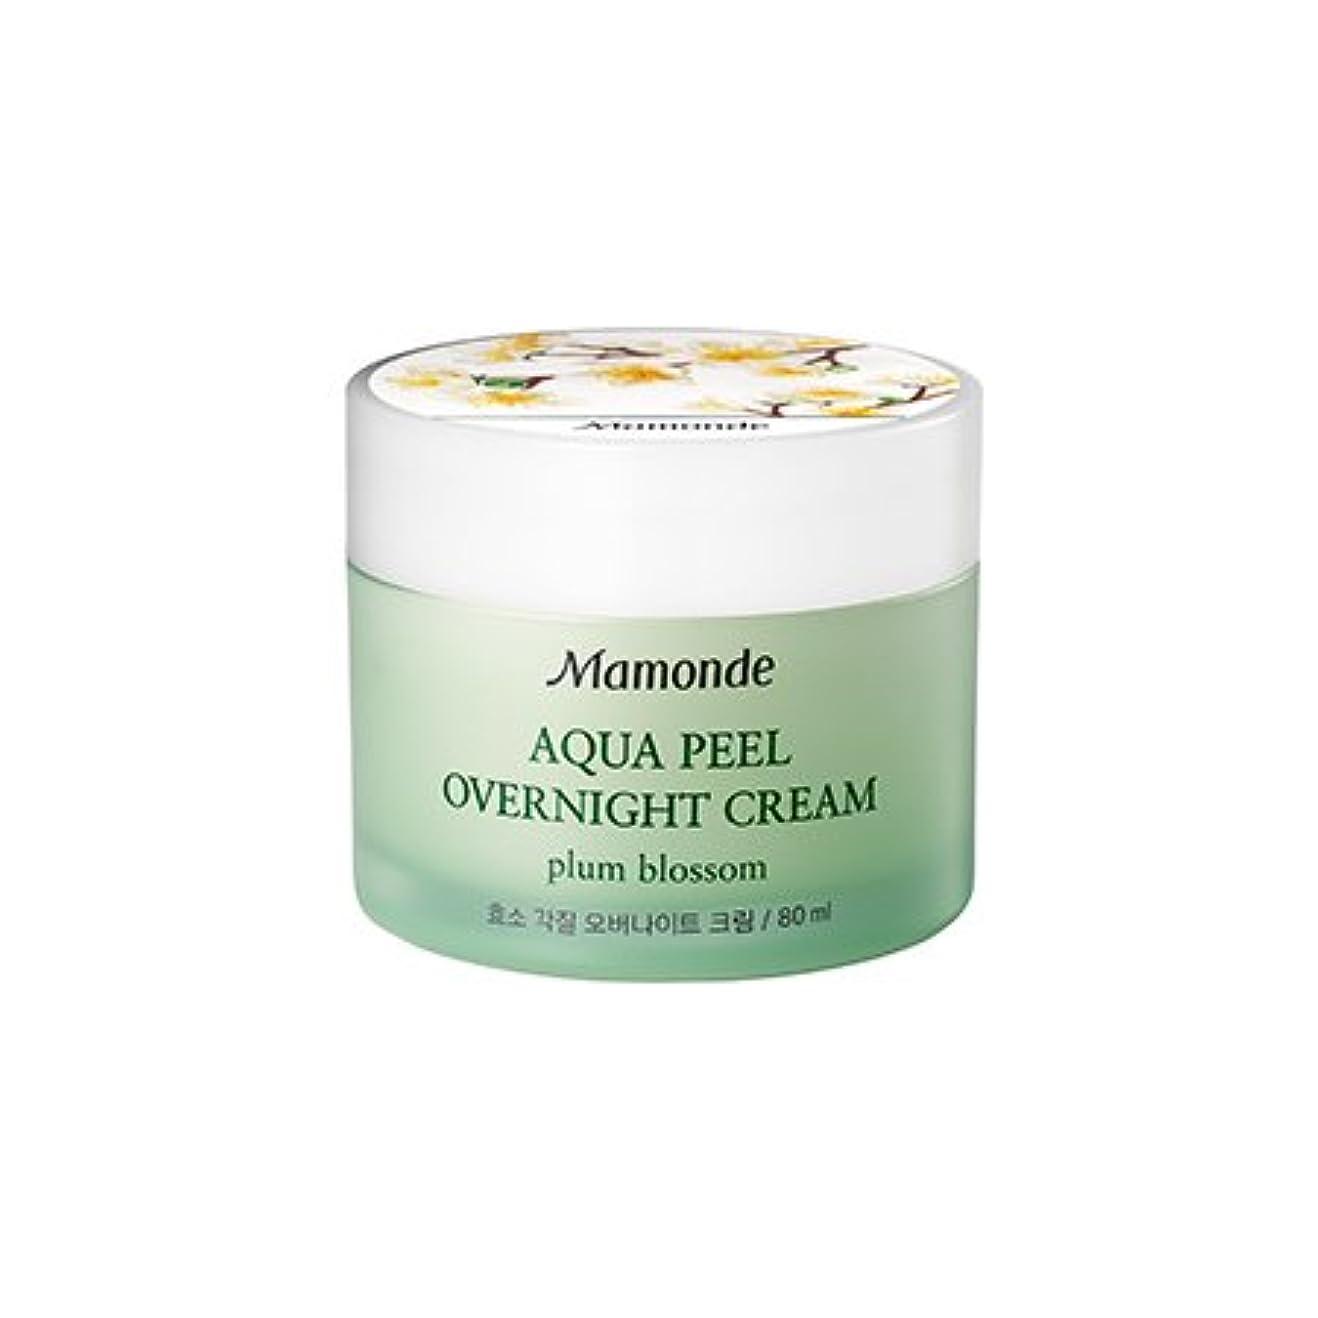 ユーモラスバイオリニストとげMamonde Aqua Peel Overnight Cream 80ml/マモンド アクア ピール オーバーナイト クリーム 80ml [並行輸入品]